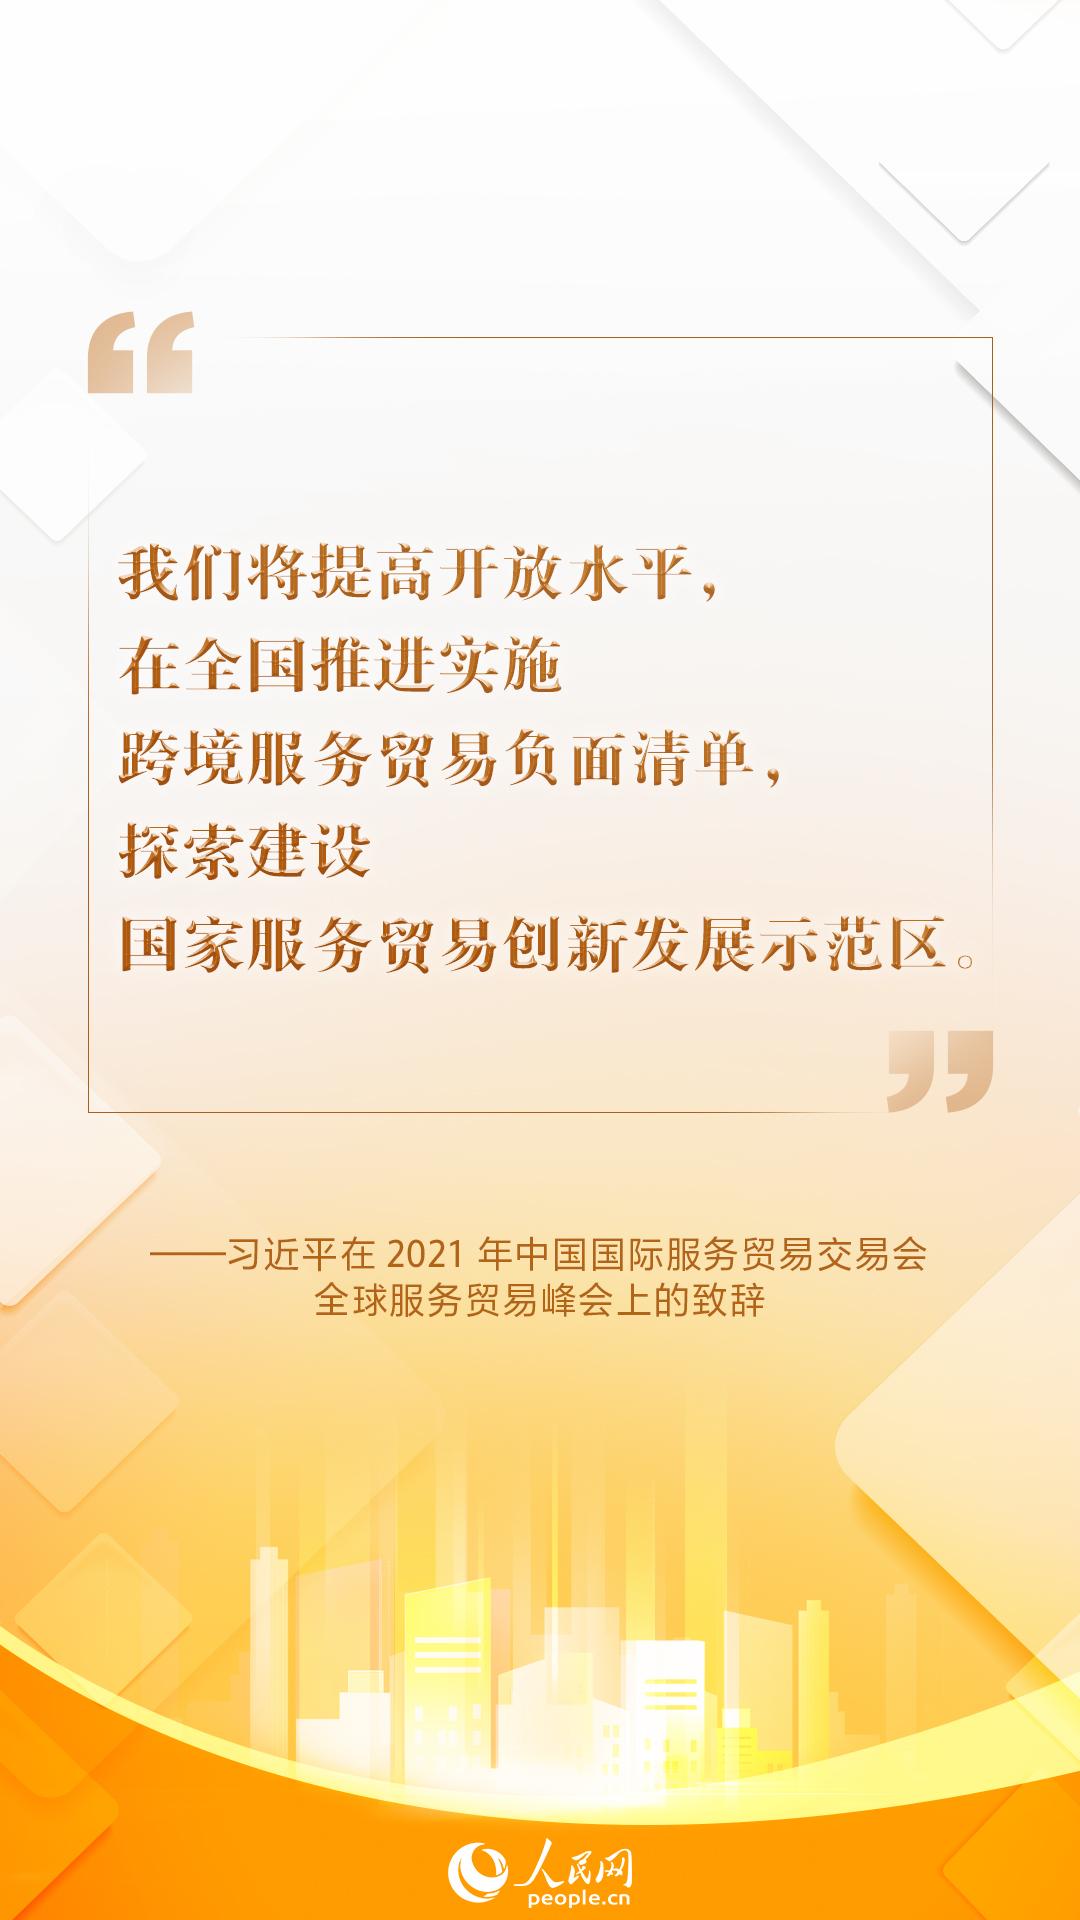 盛煌官方:要点来了!习近平在2021年中国国际服务贸易交易会上发表致辞(图2)